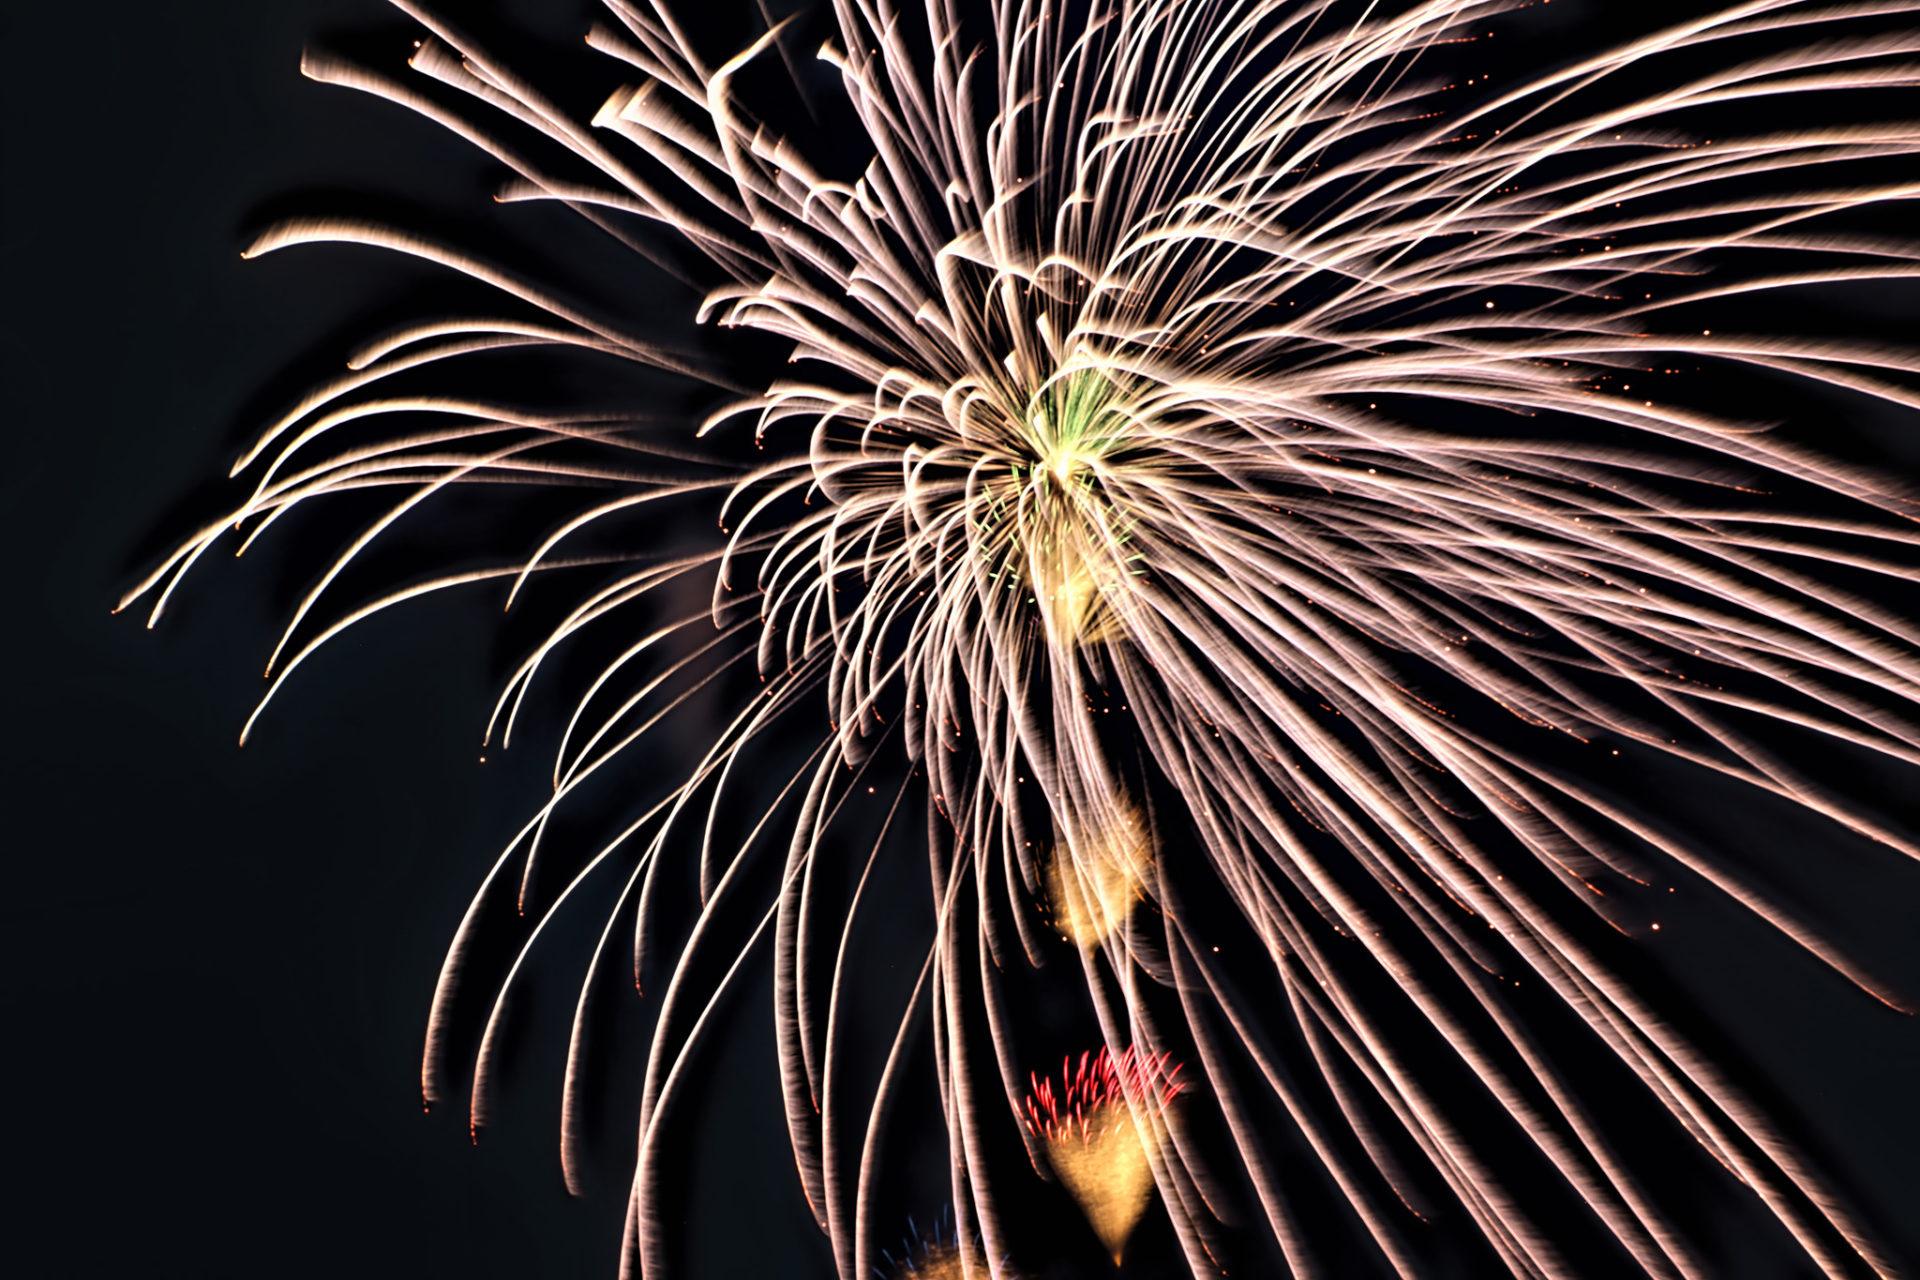 夜空に弾け飛ぶ光線のような花火